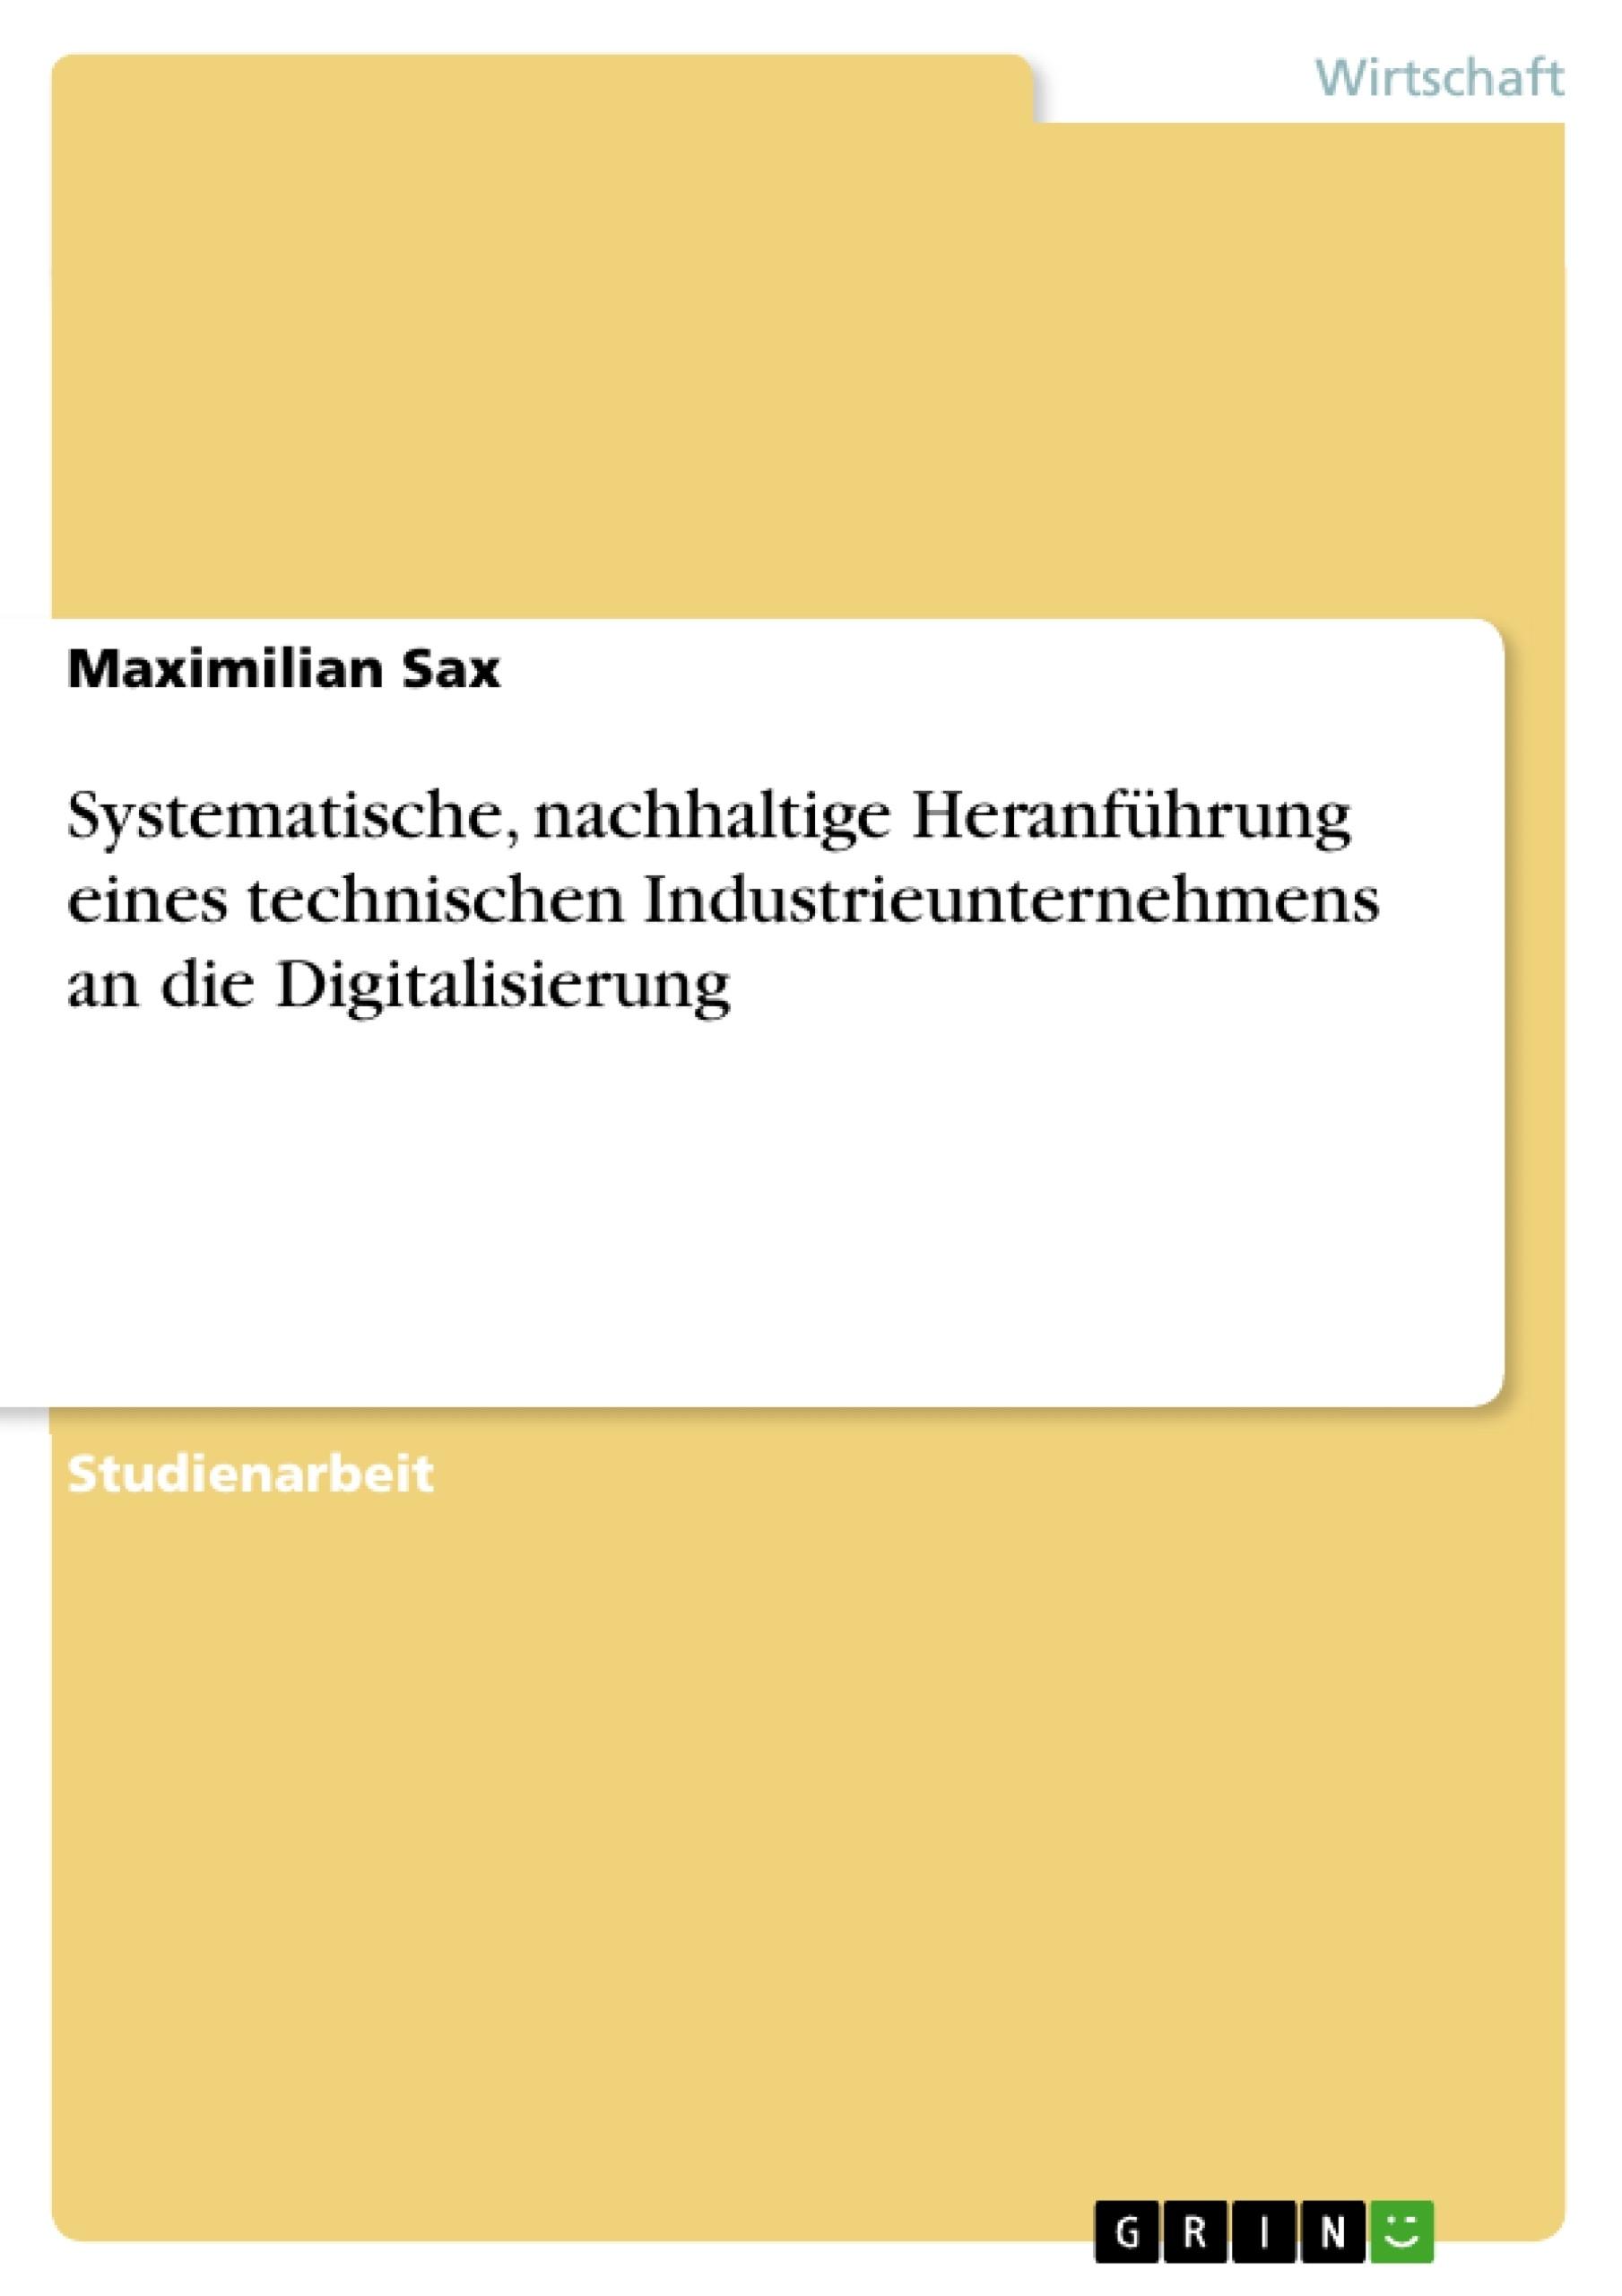 Titel: Systematische, nachhaltige Heranführung eines technischen Industrieunternehmens an die Digitalisierung